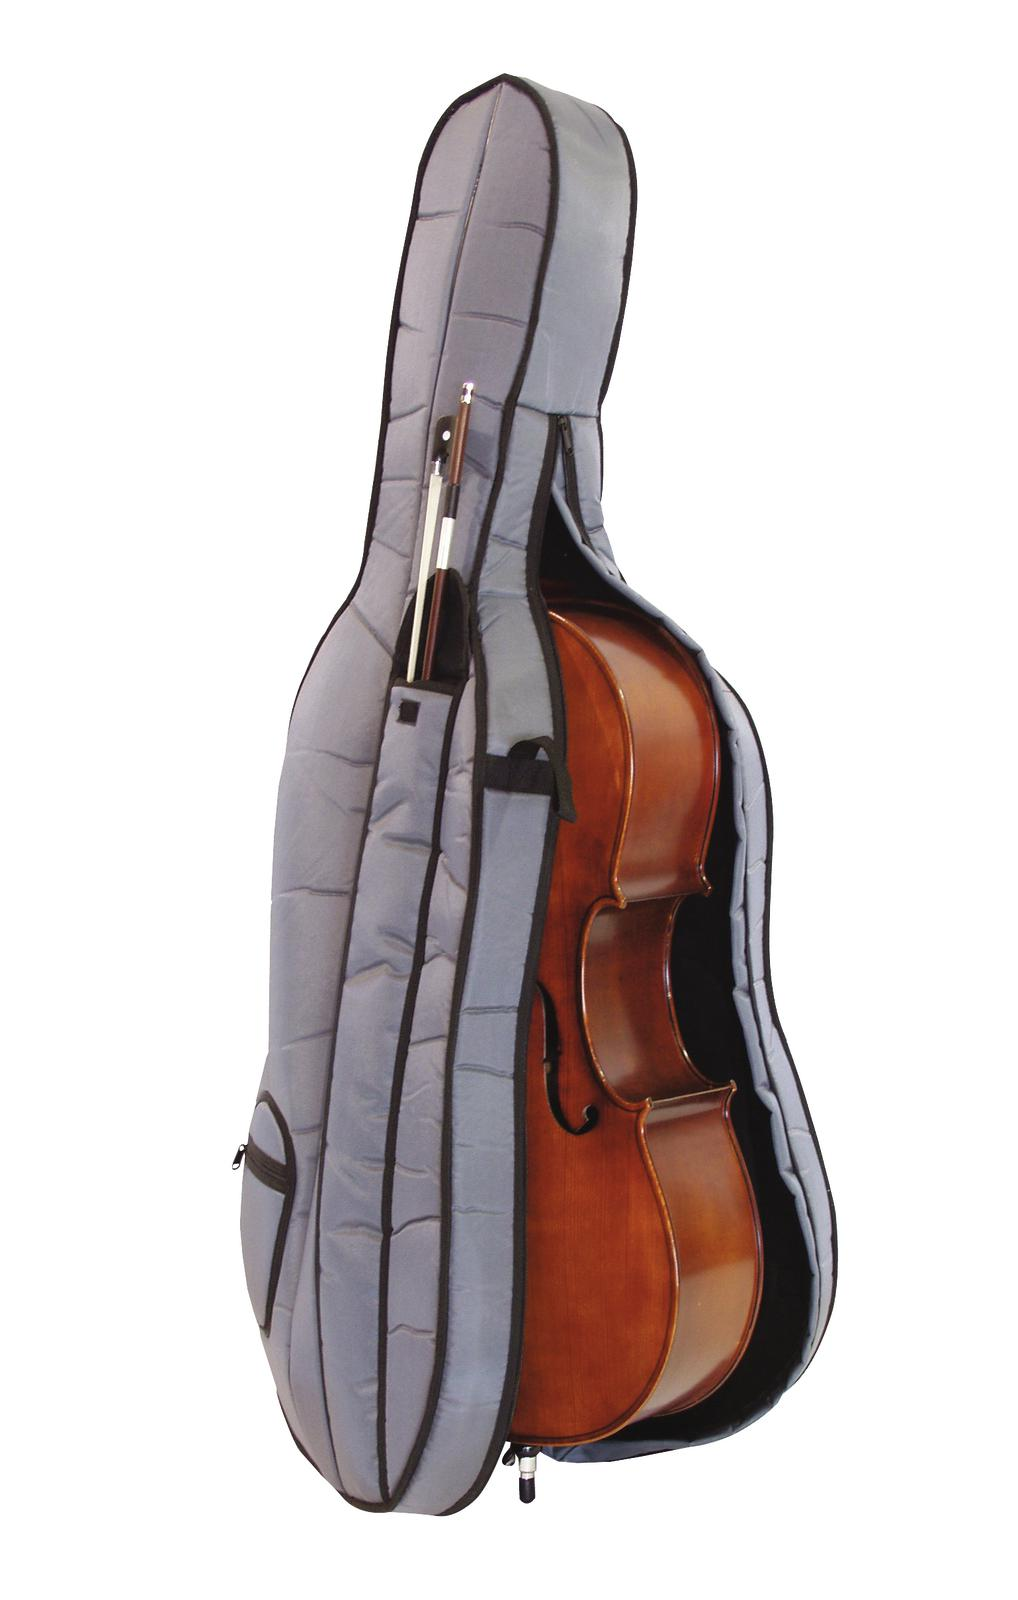 Violoncello misura 4/4, rosso marrone scuro, corpo acero, borsa morbida DIMAVERY